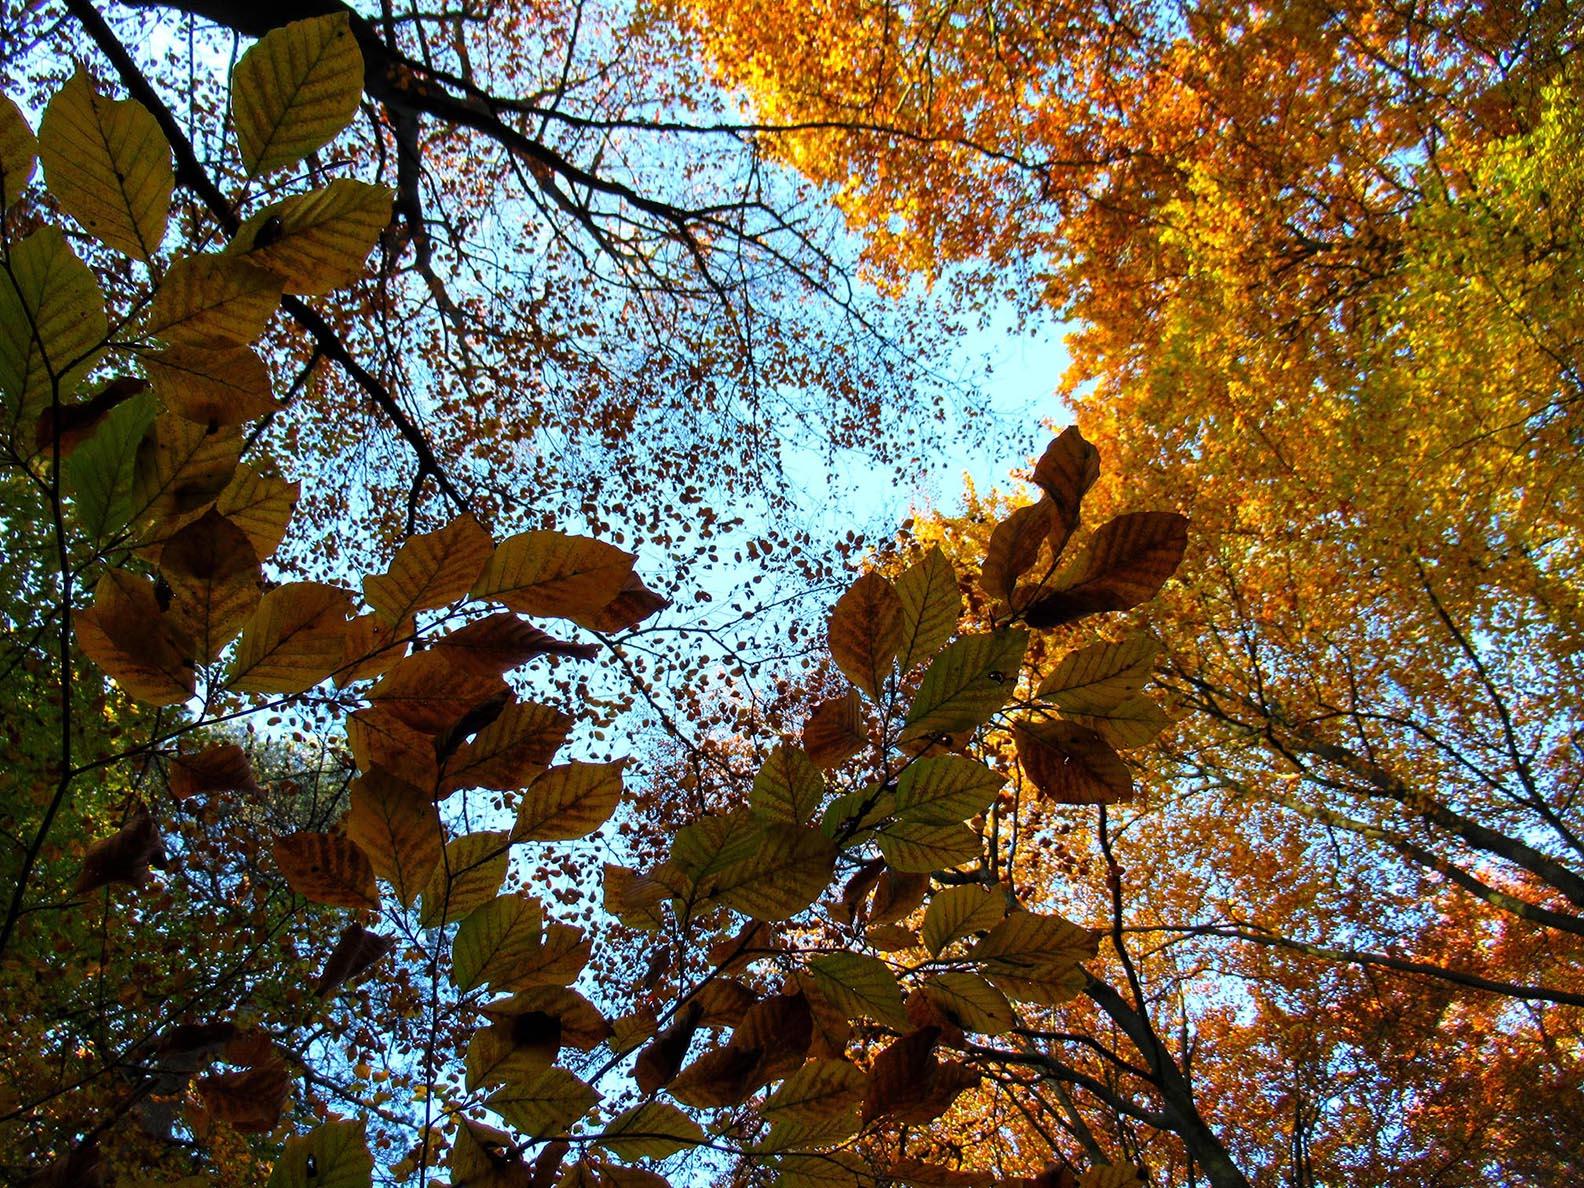 Kleurenspel dwars door het bladerdak van de boomkruinen – Foto: ©Fransien Fraanje